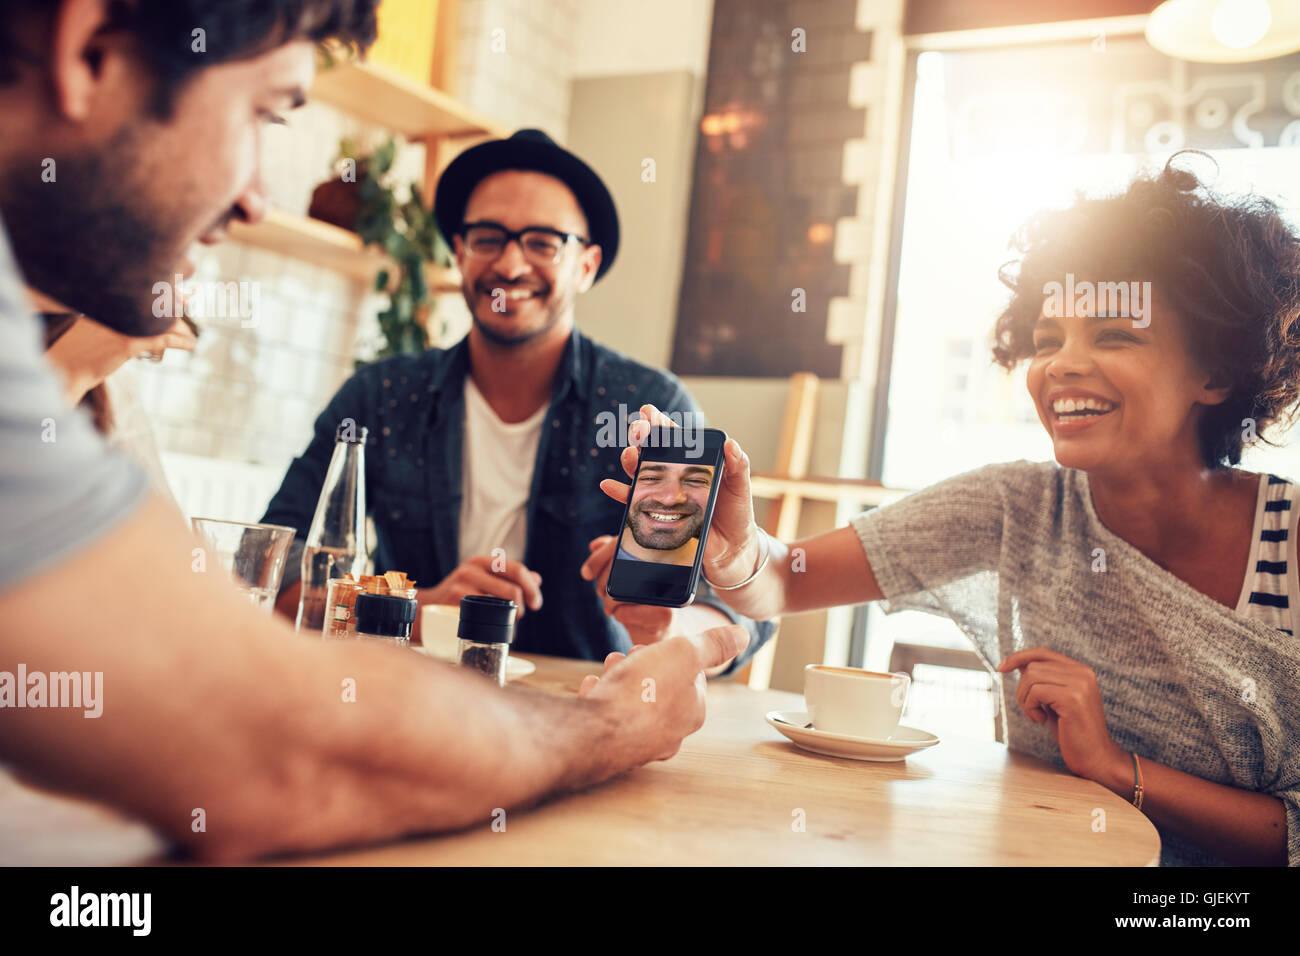 Retrato de feliz jóvenes amigos en el café y mirando las fotos en el teléfono inteligente. Grupo Imagen De Stock